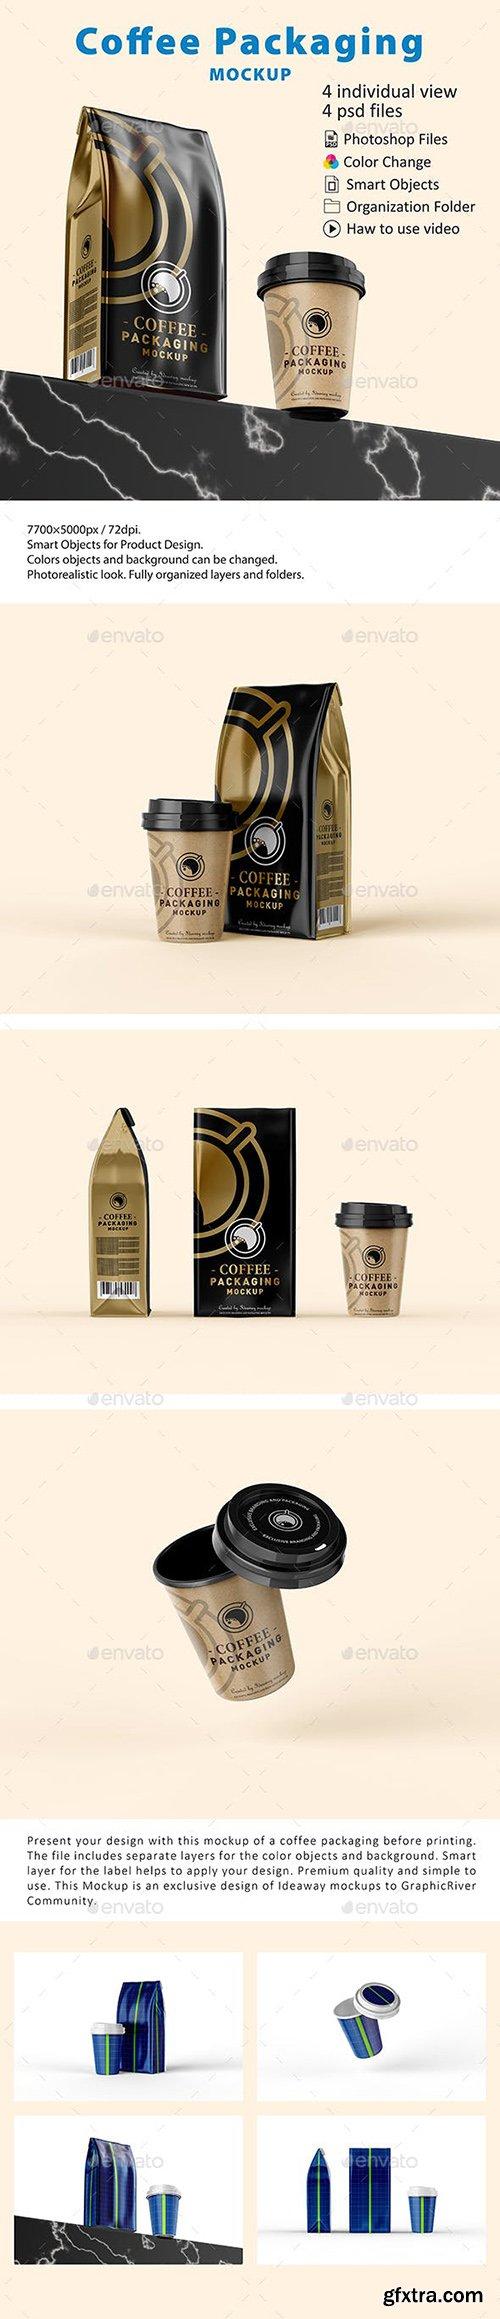 Coffee Packaging Mockup 23070736